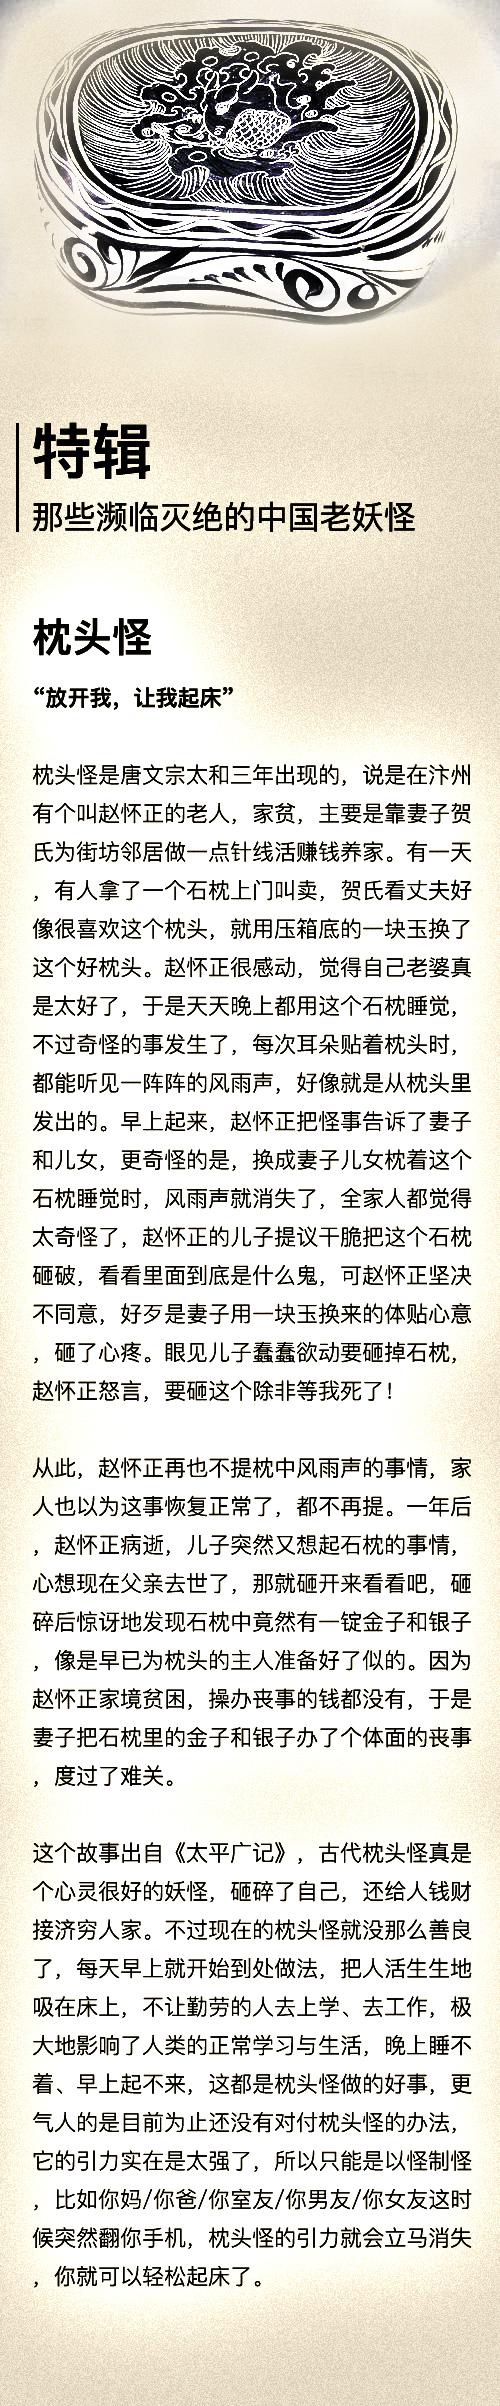 那些濒临灭绝的中国老妖怪(2)· 特辑